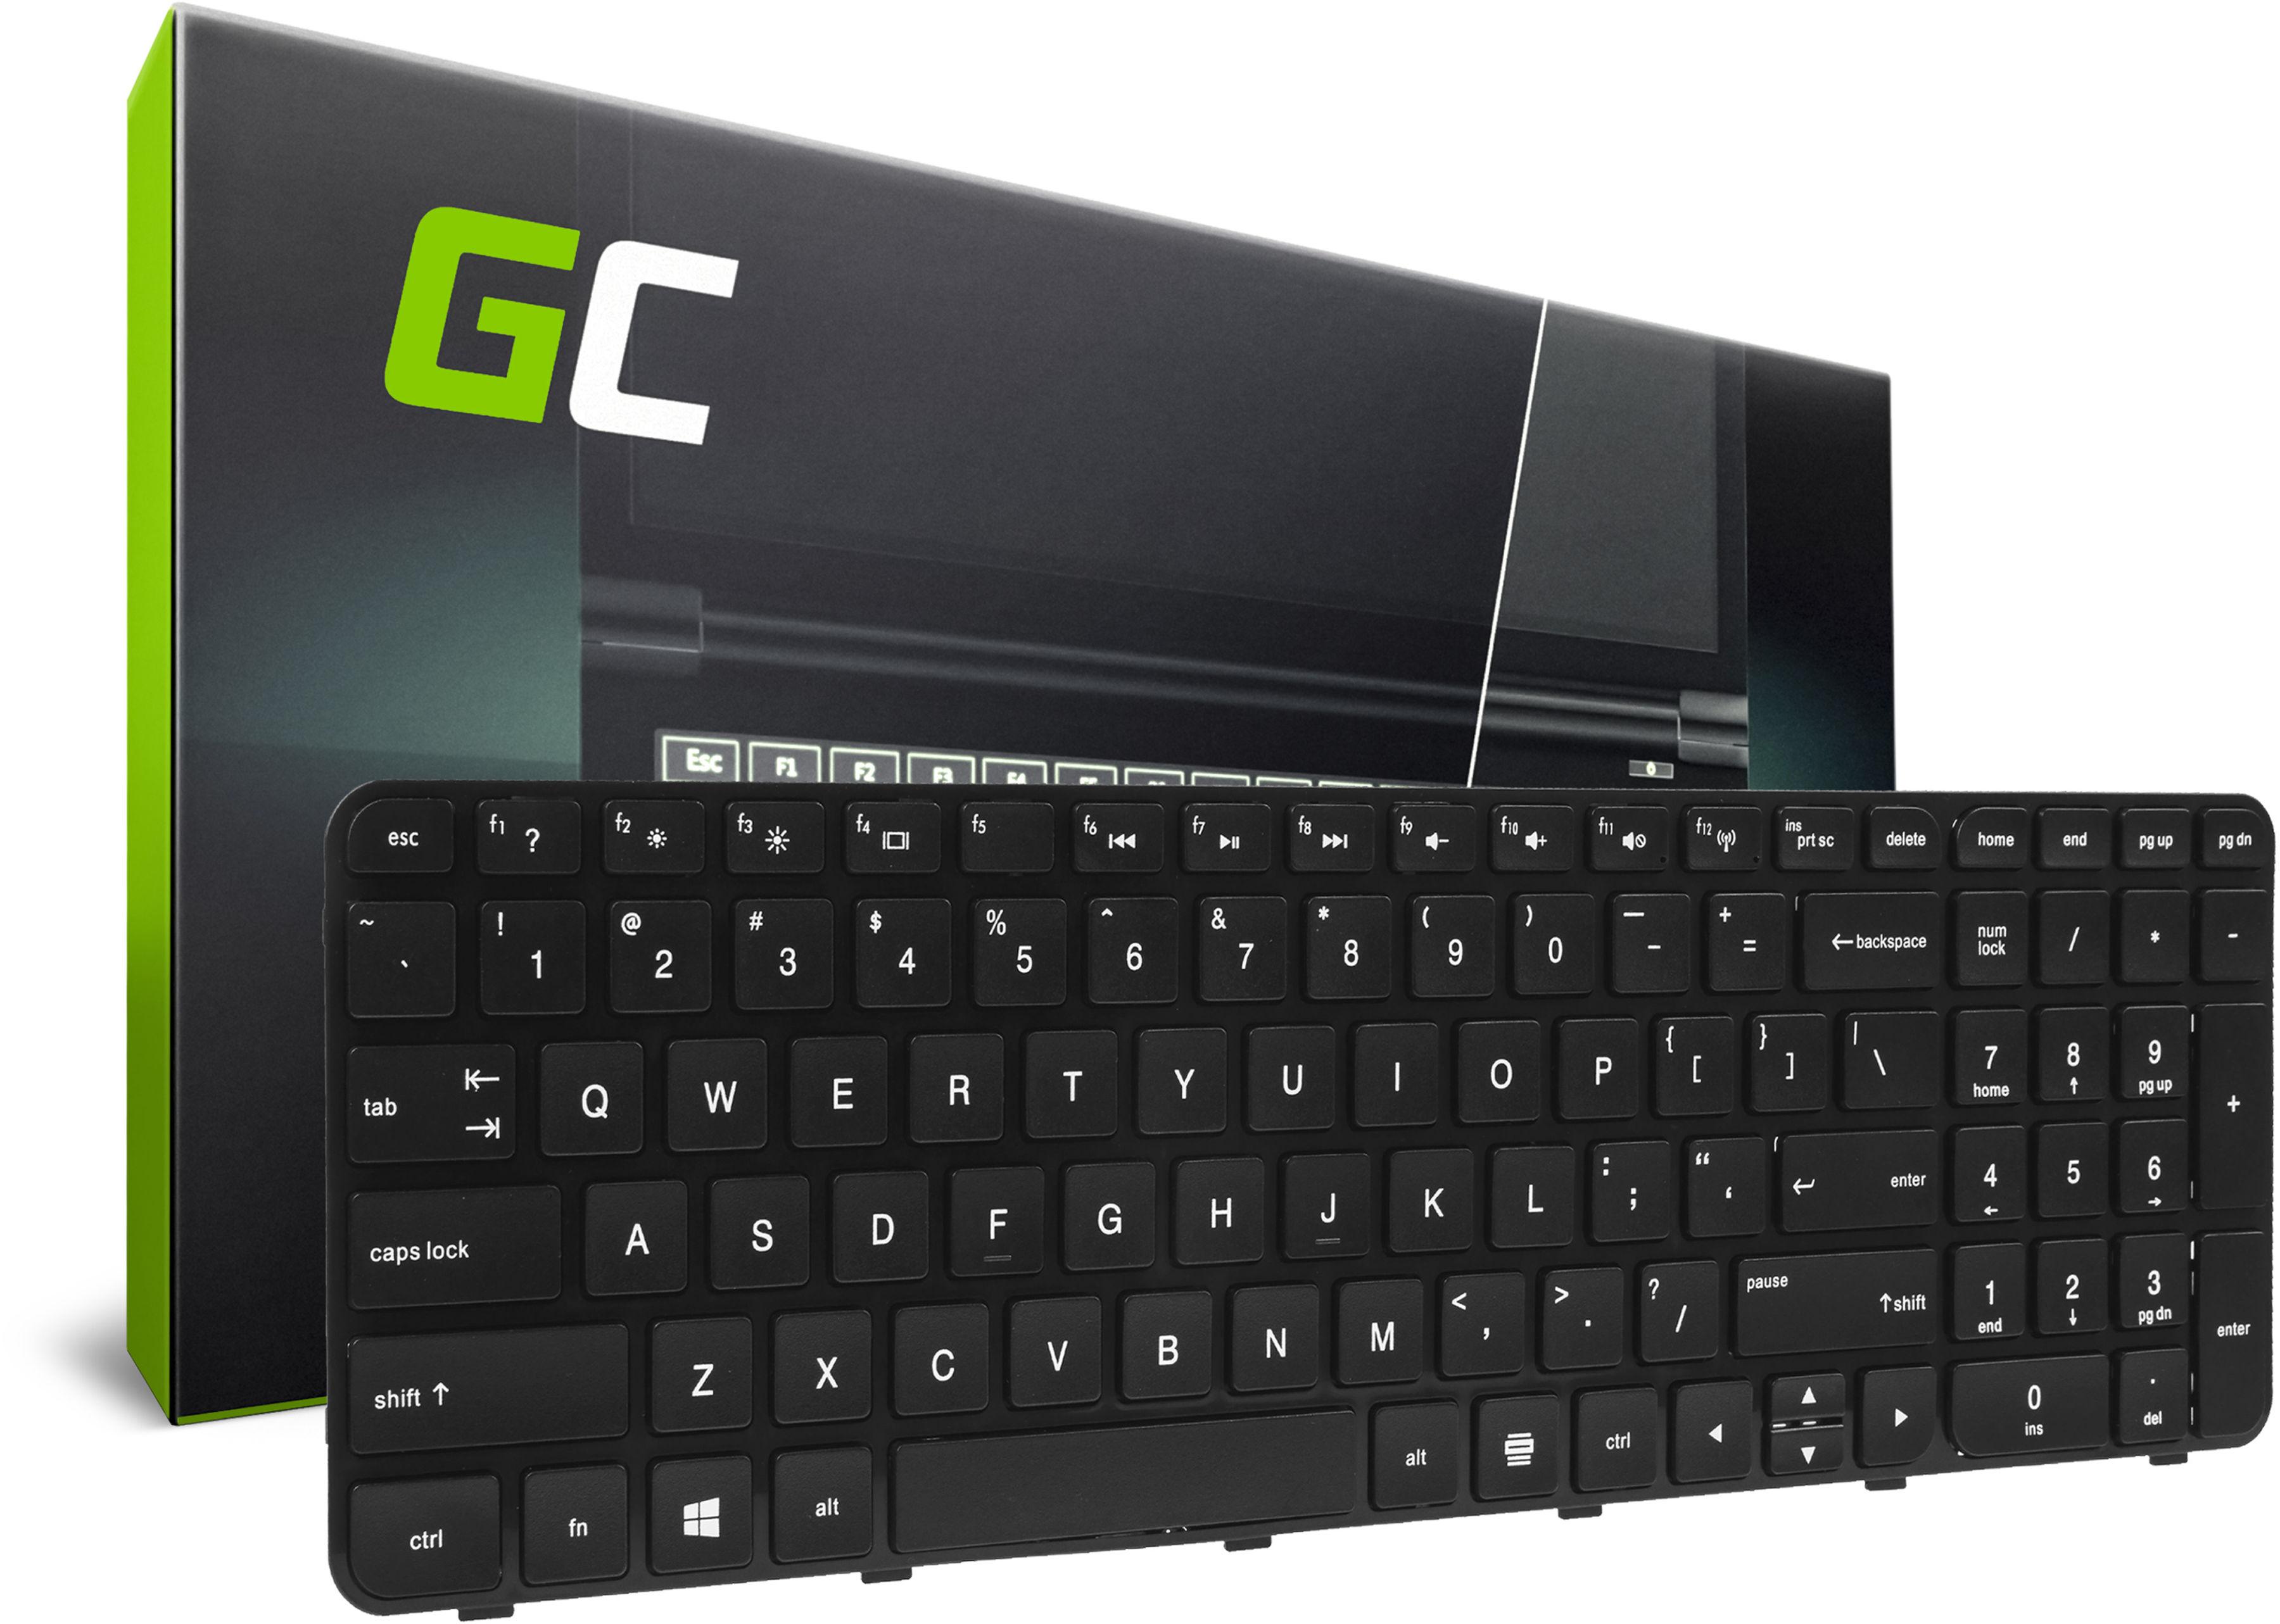 Klawiatura do laptopa HP Pavilion DV7-7000 DV7-7100 DV7-7200 M7-1000